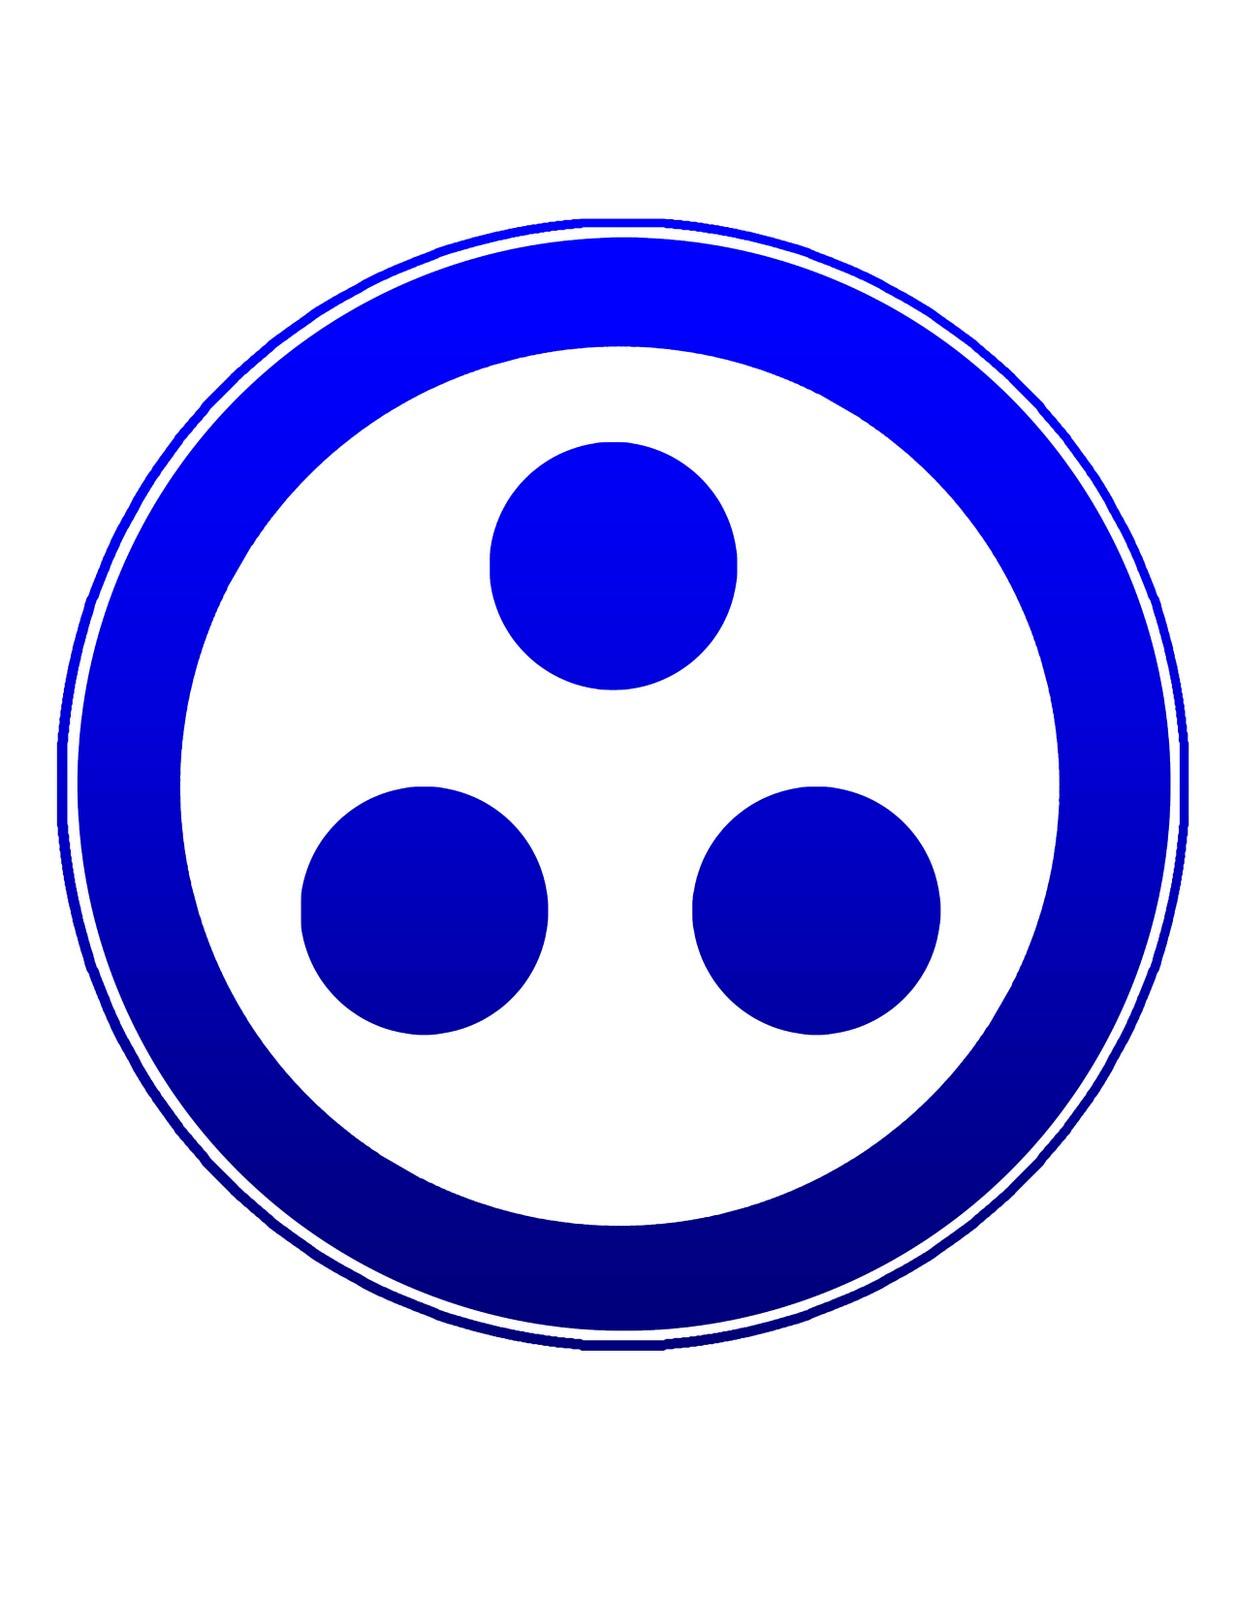 Cultura de Paz y No Violencia: Símbolos de Paz